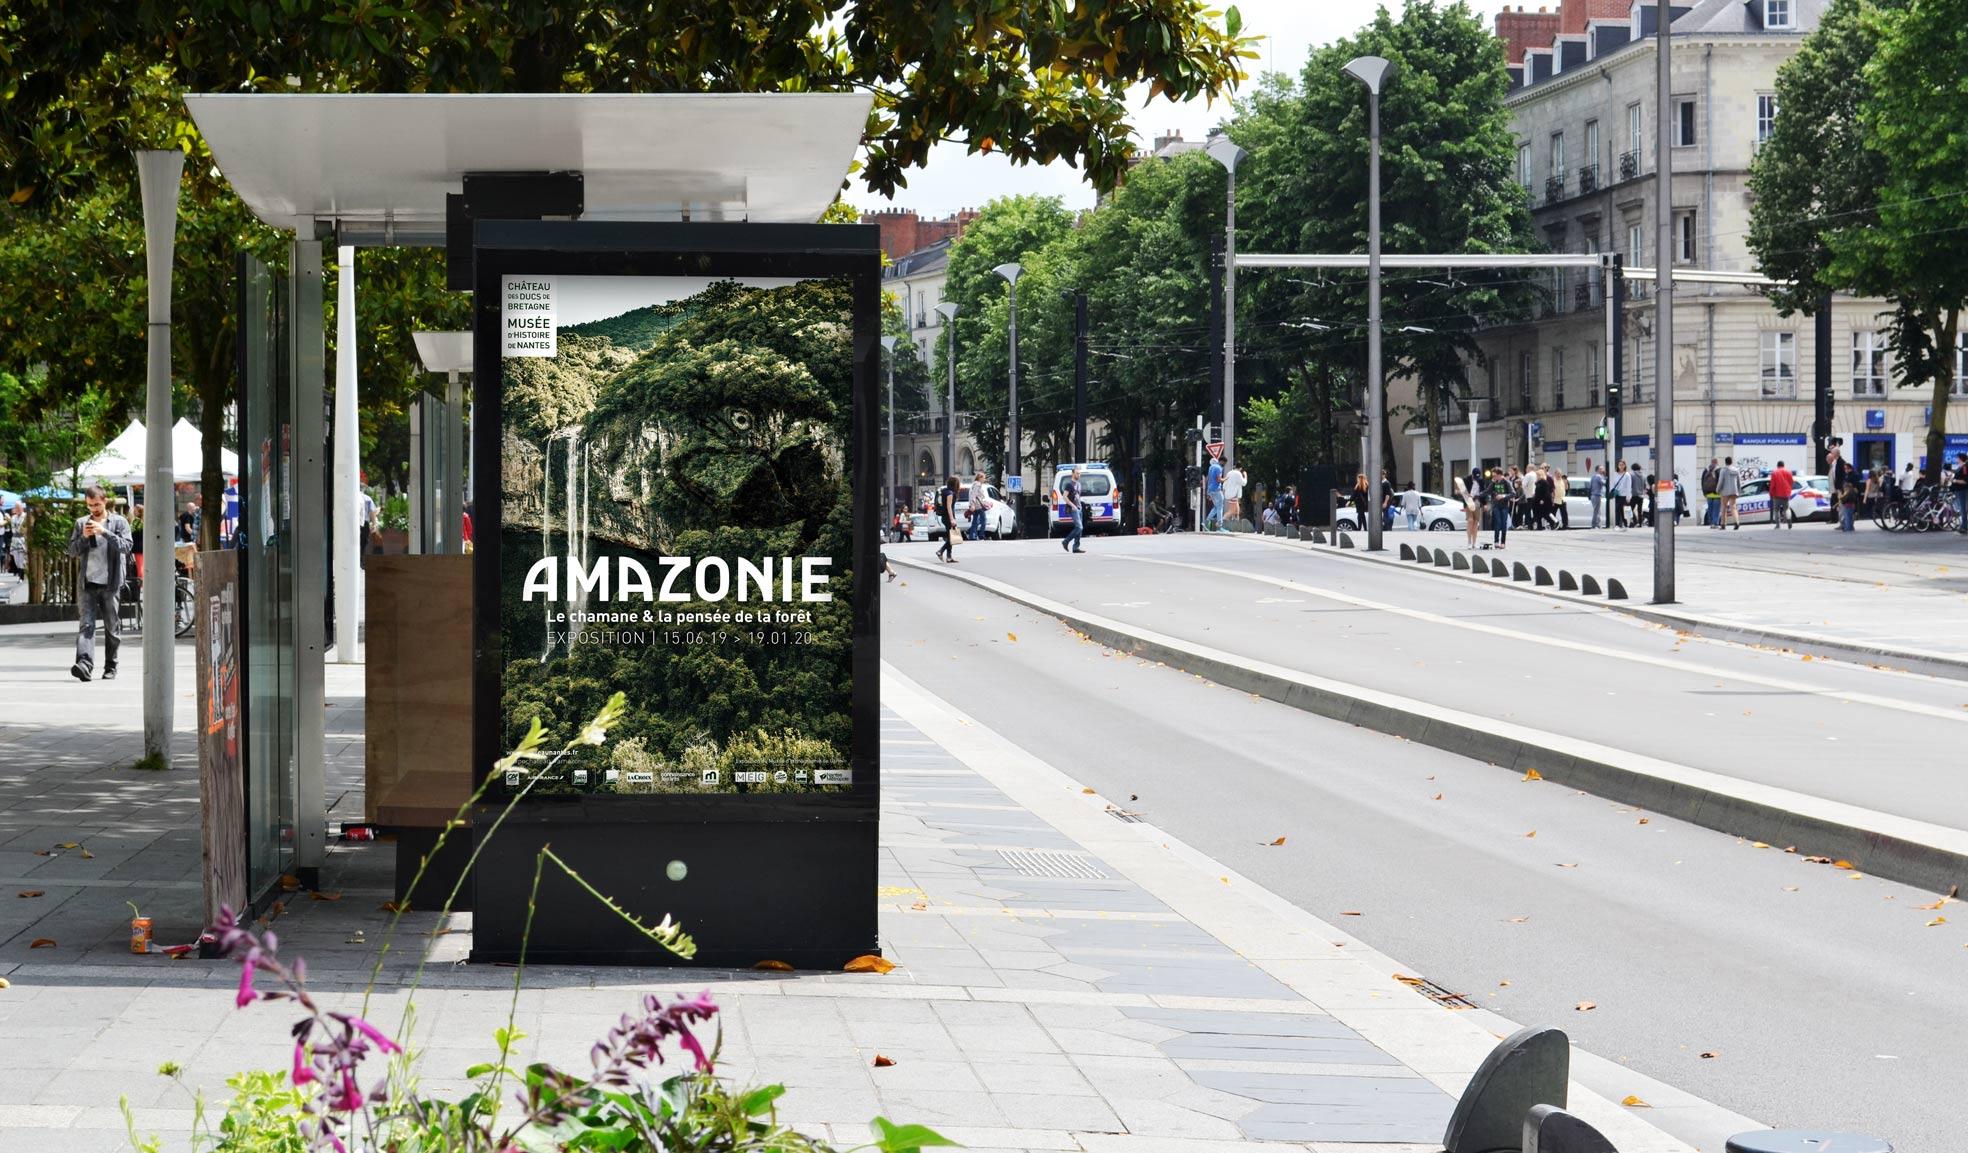 exposition-amazonie20